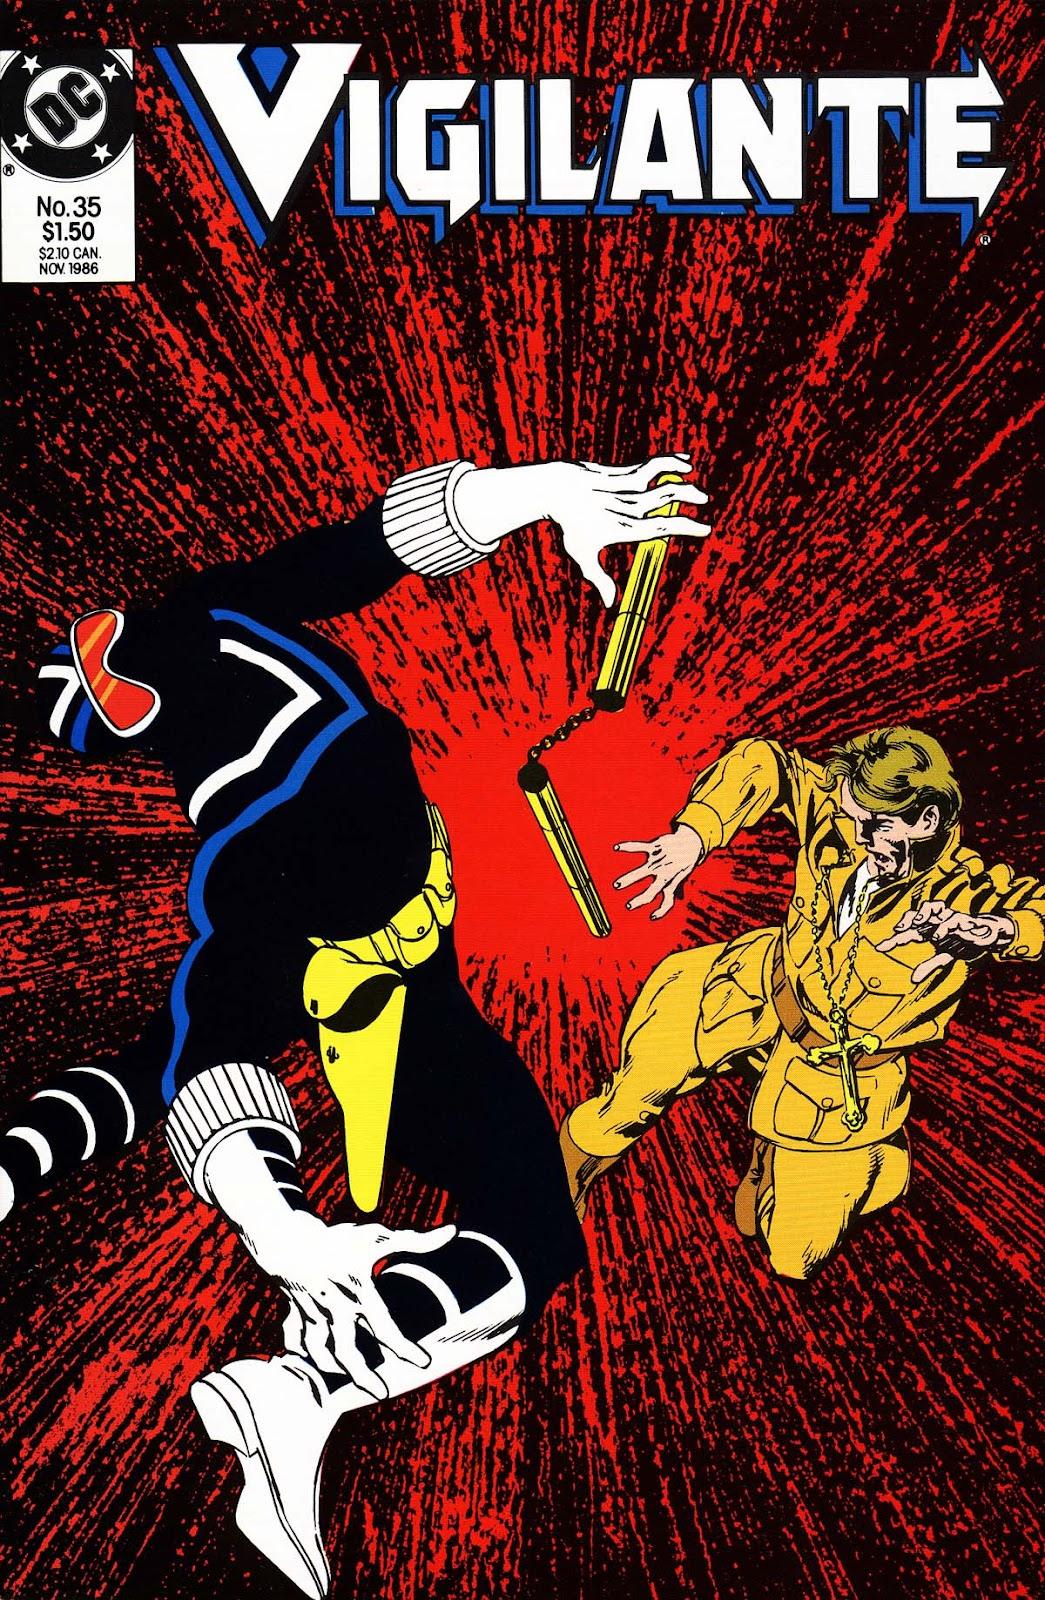 Vigilante (1983) issue 35 - Page 1